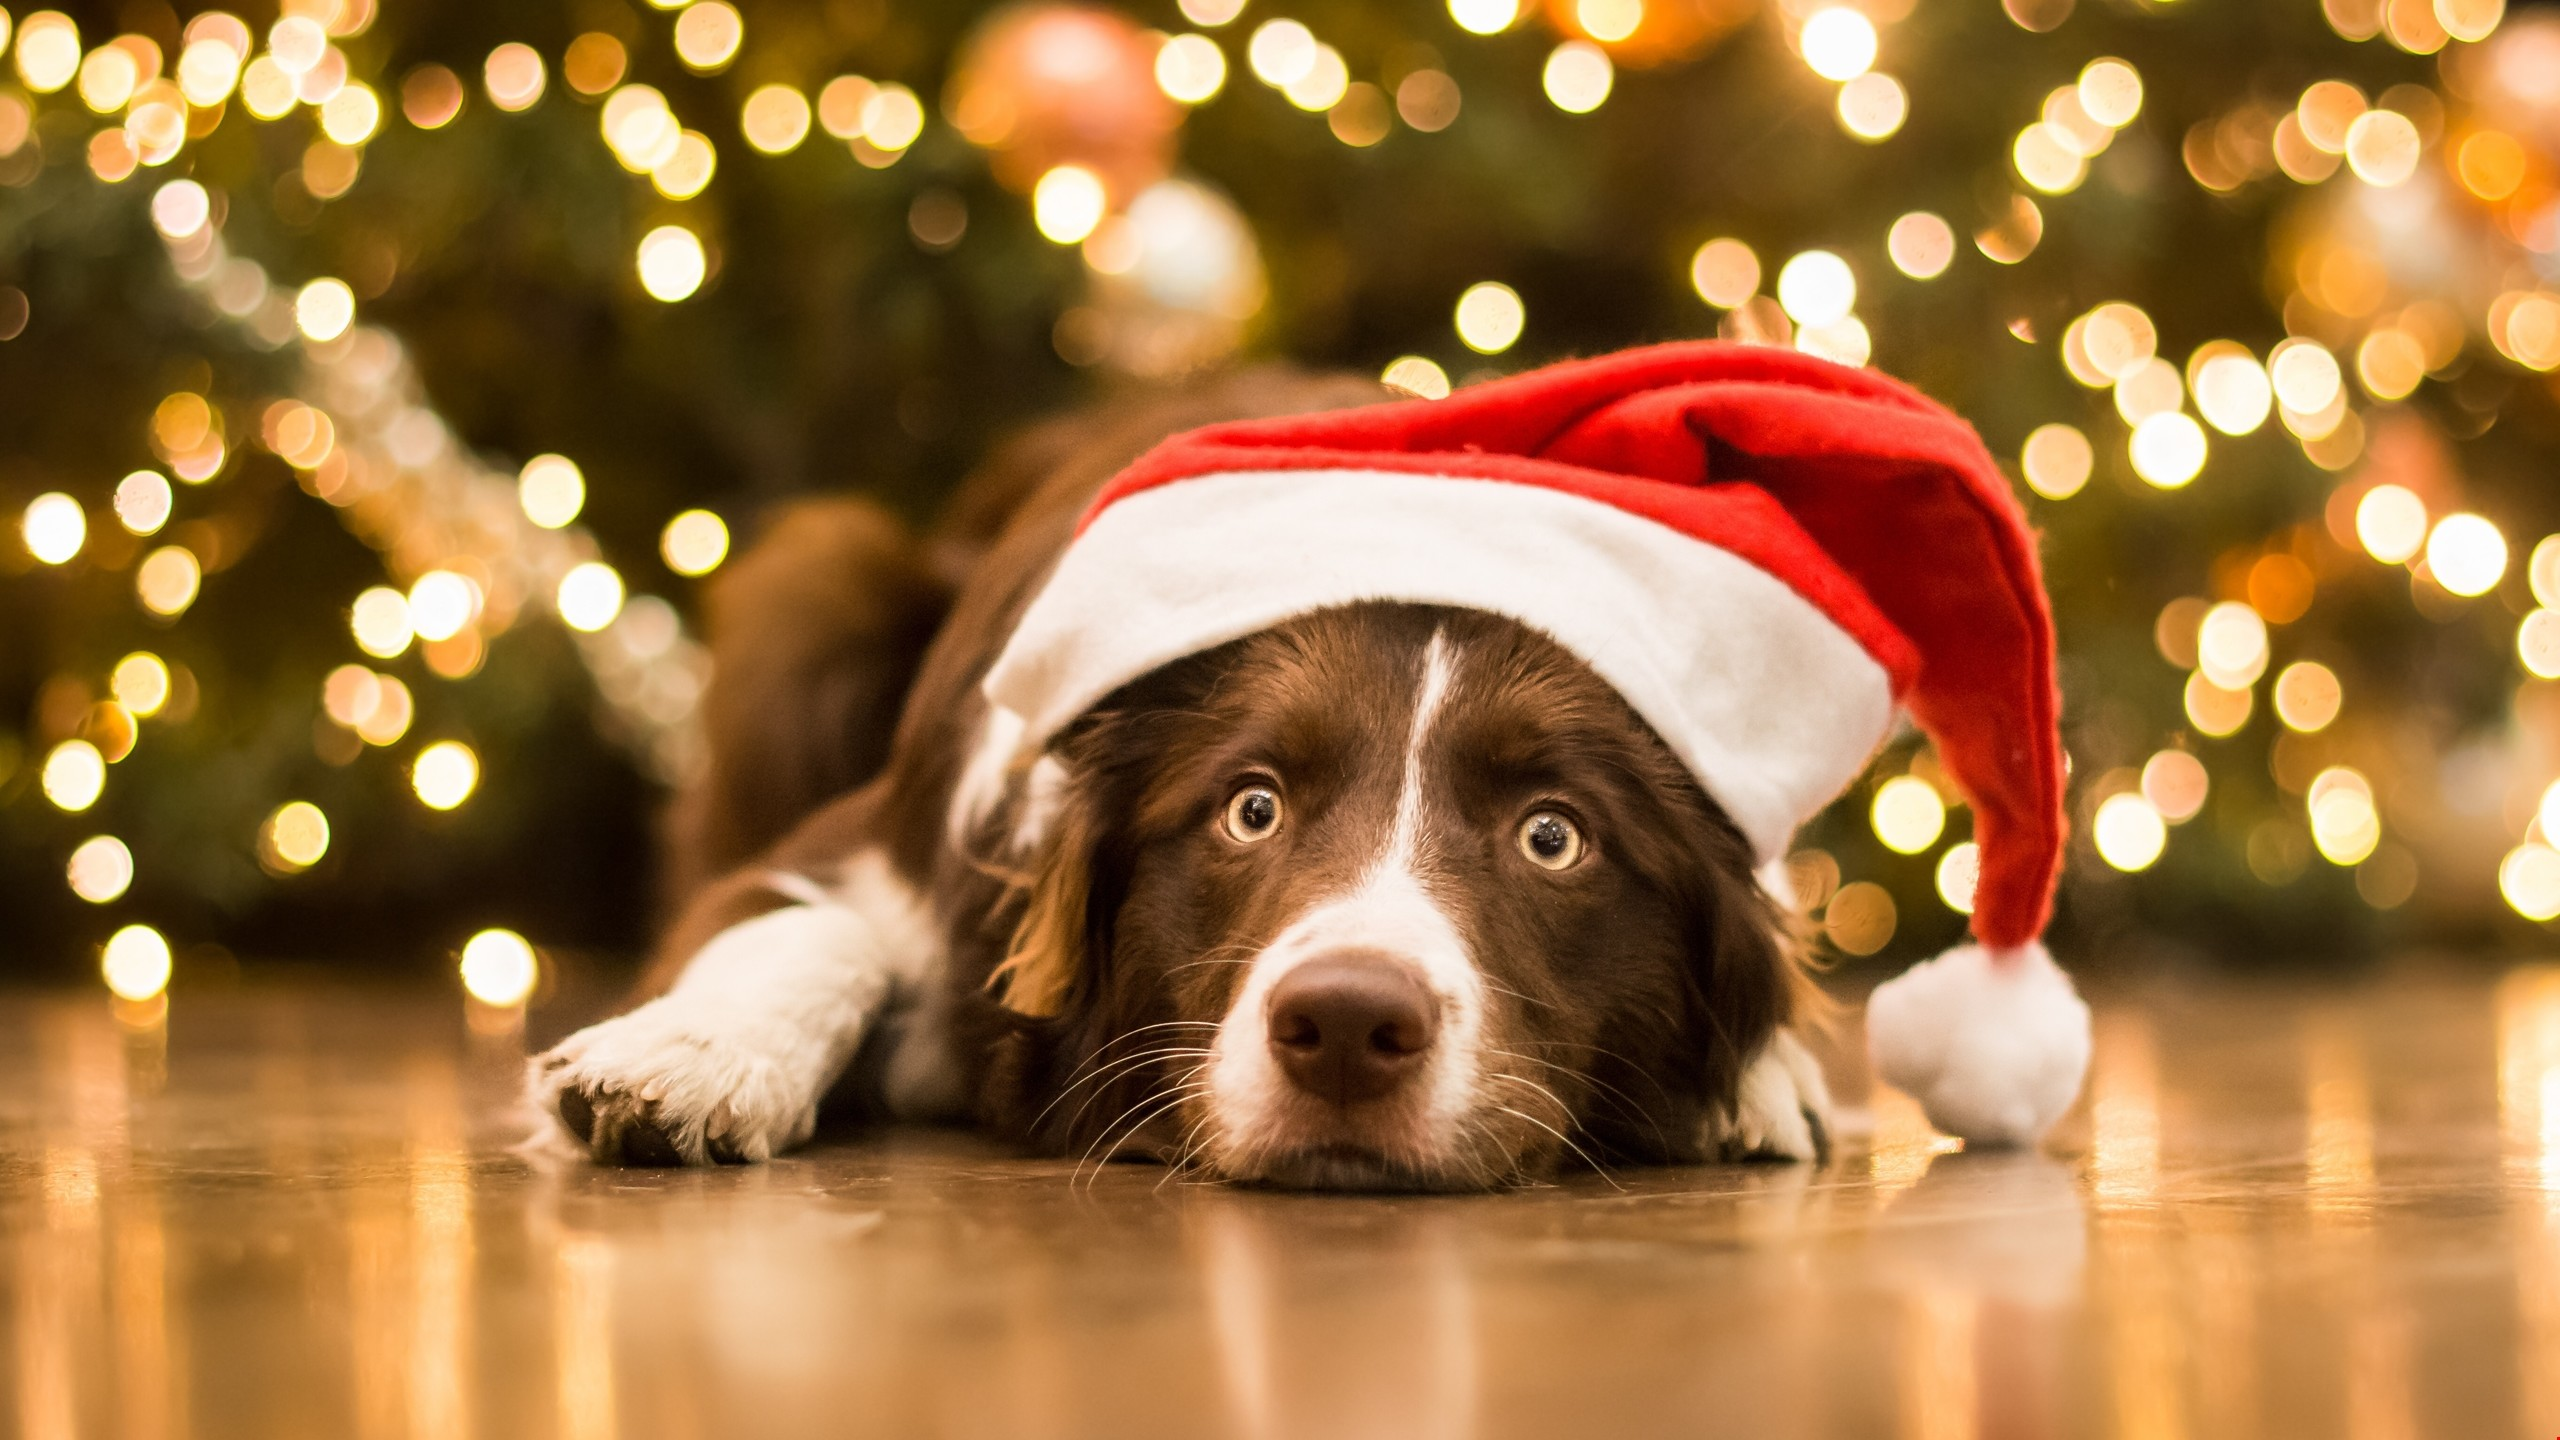 64 Christmas Animal Wallpapers on WallpaperPlay 2560x1440